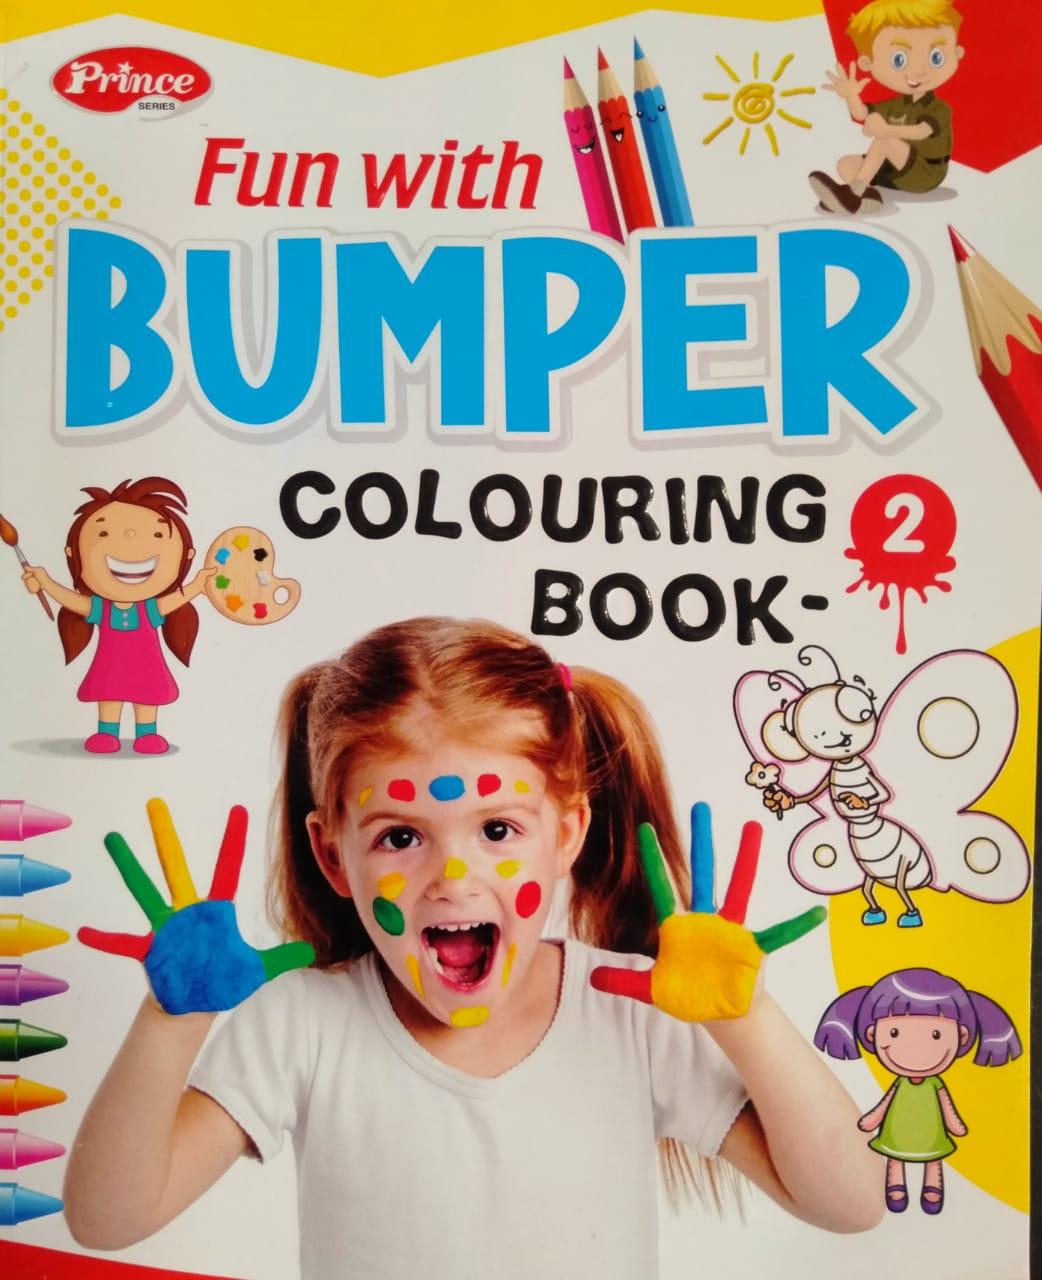 Colore book